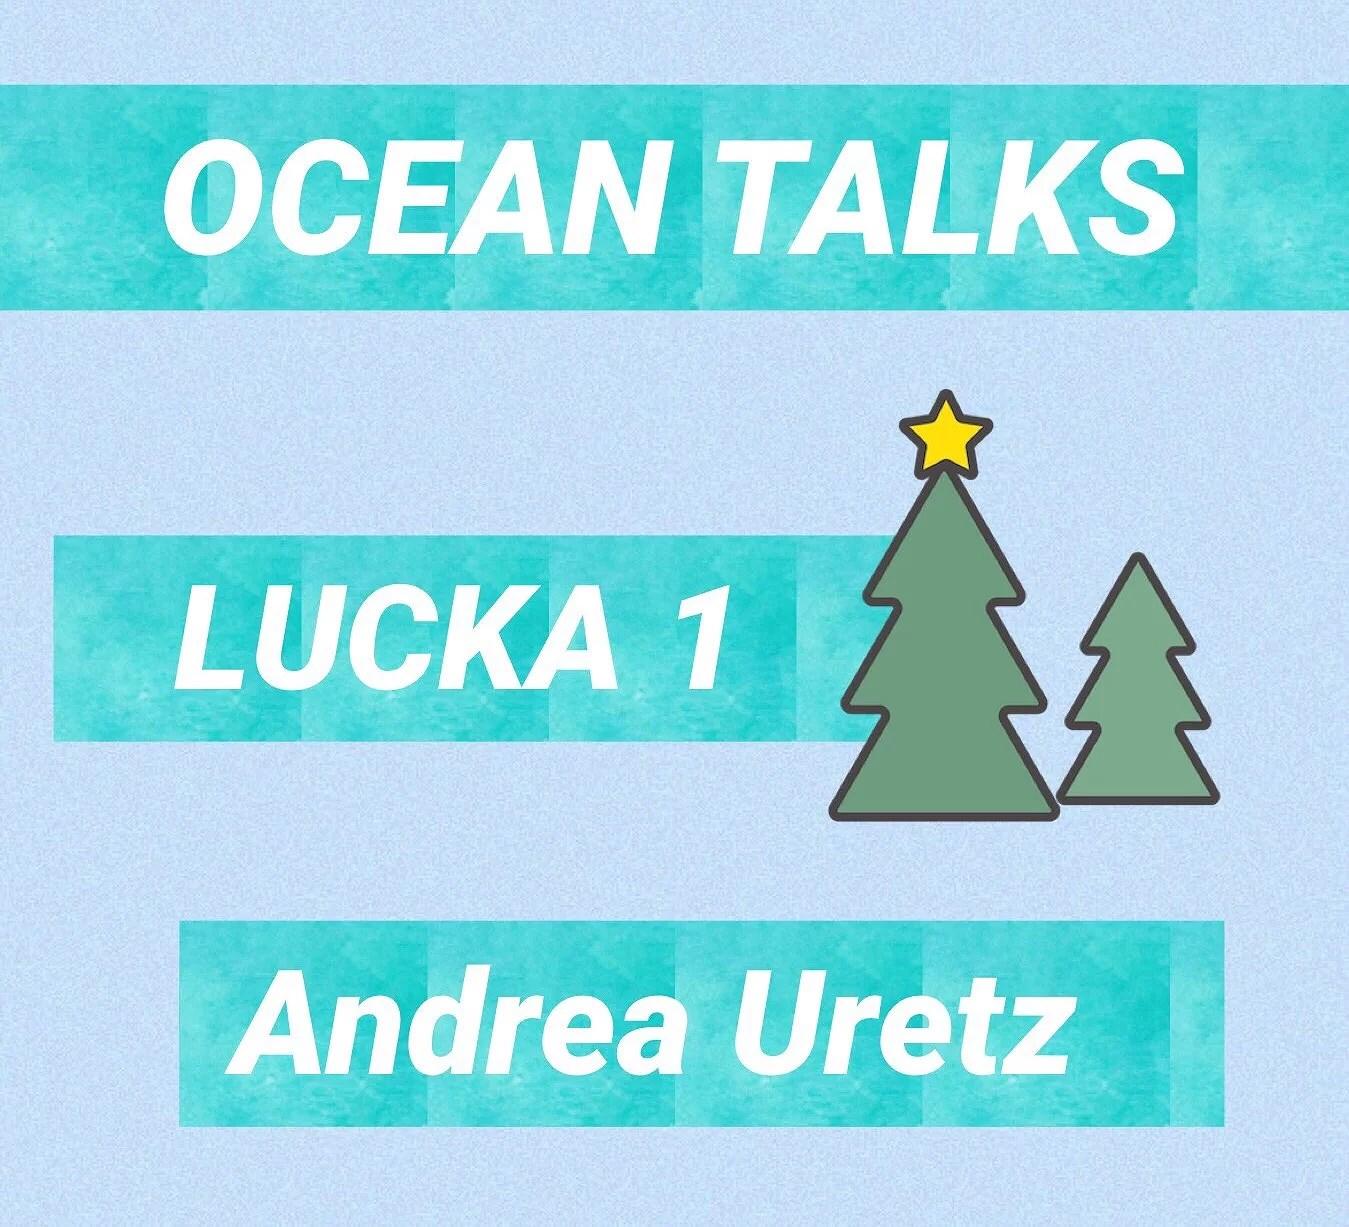 LUCKA 1 - Andrea Uretz